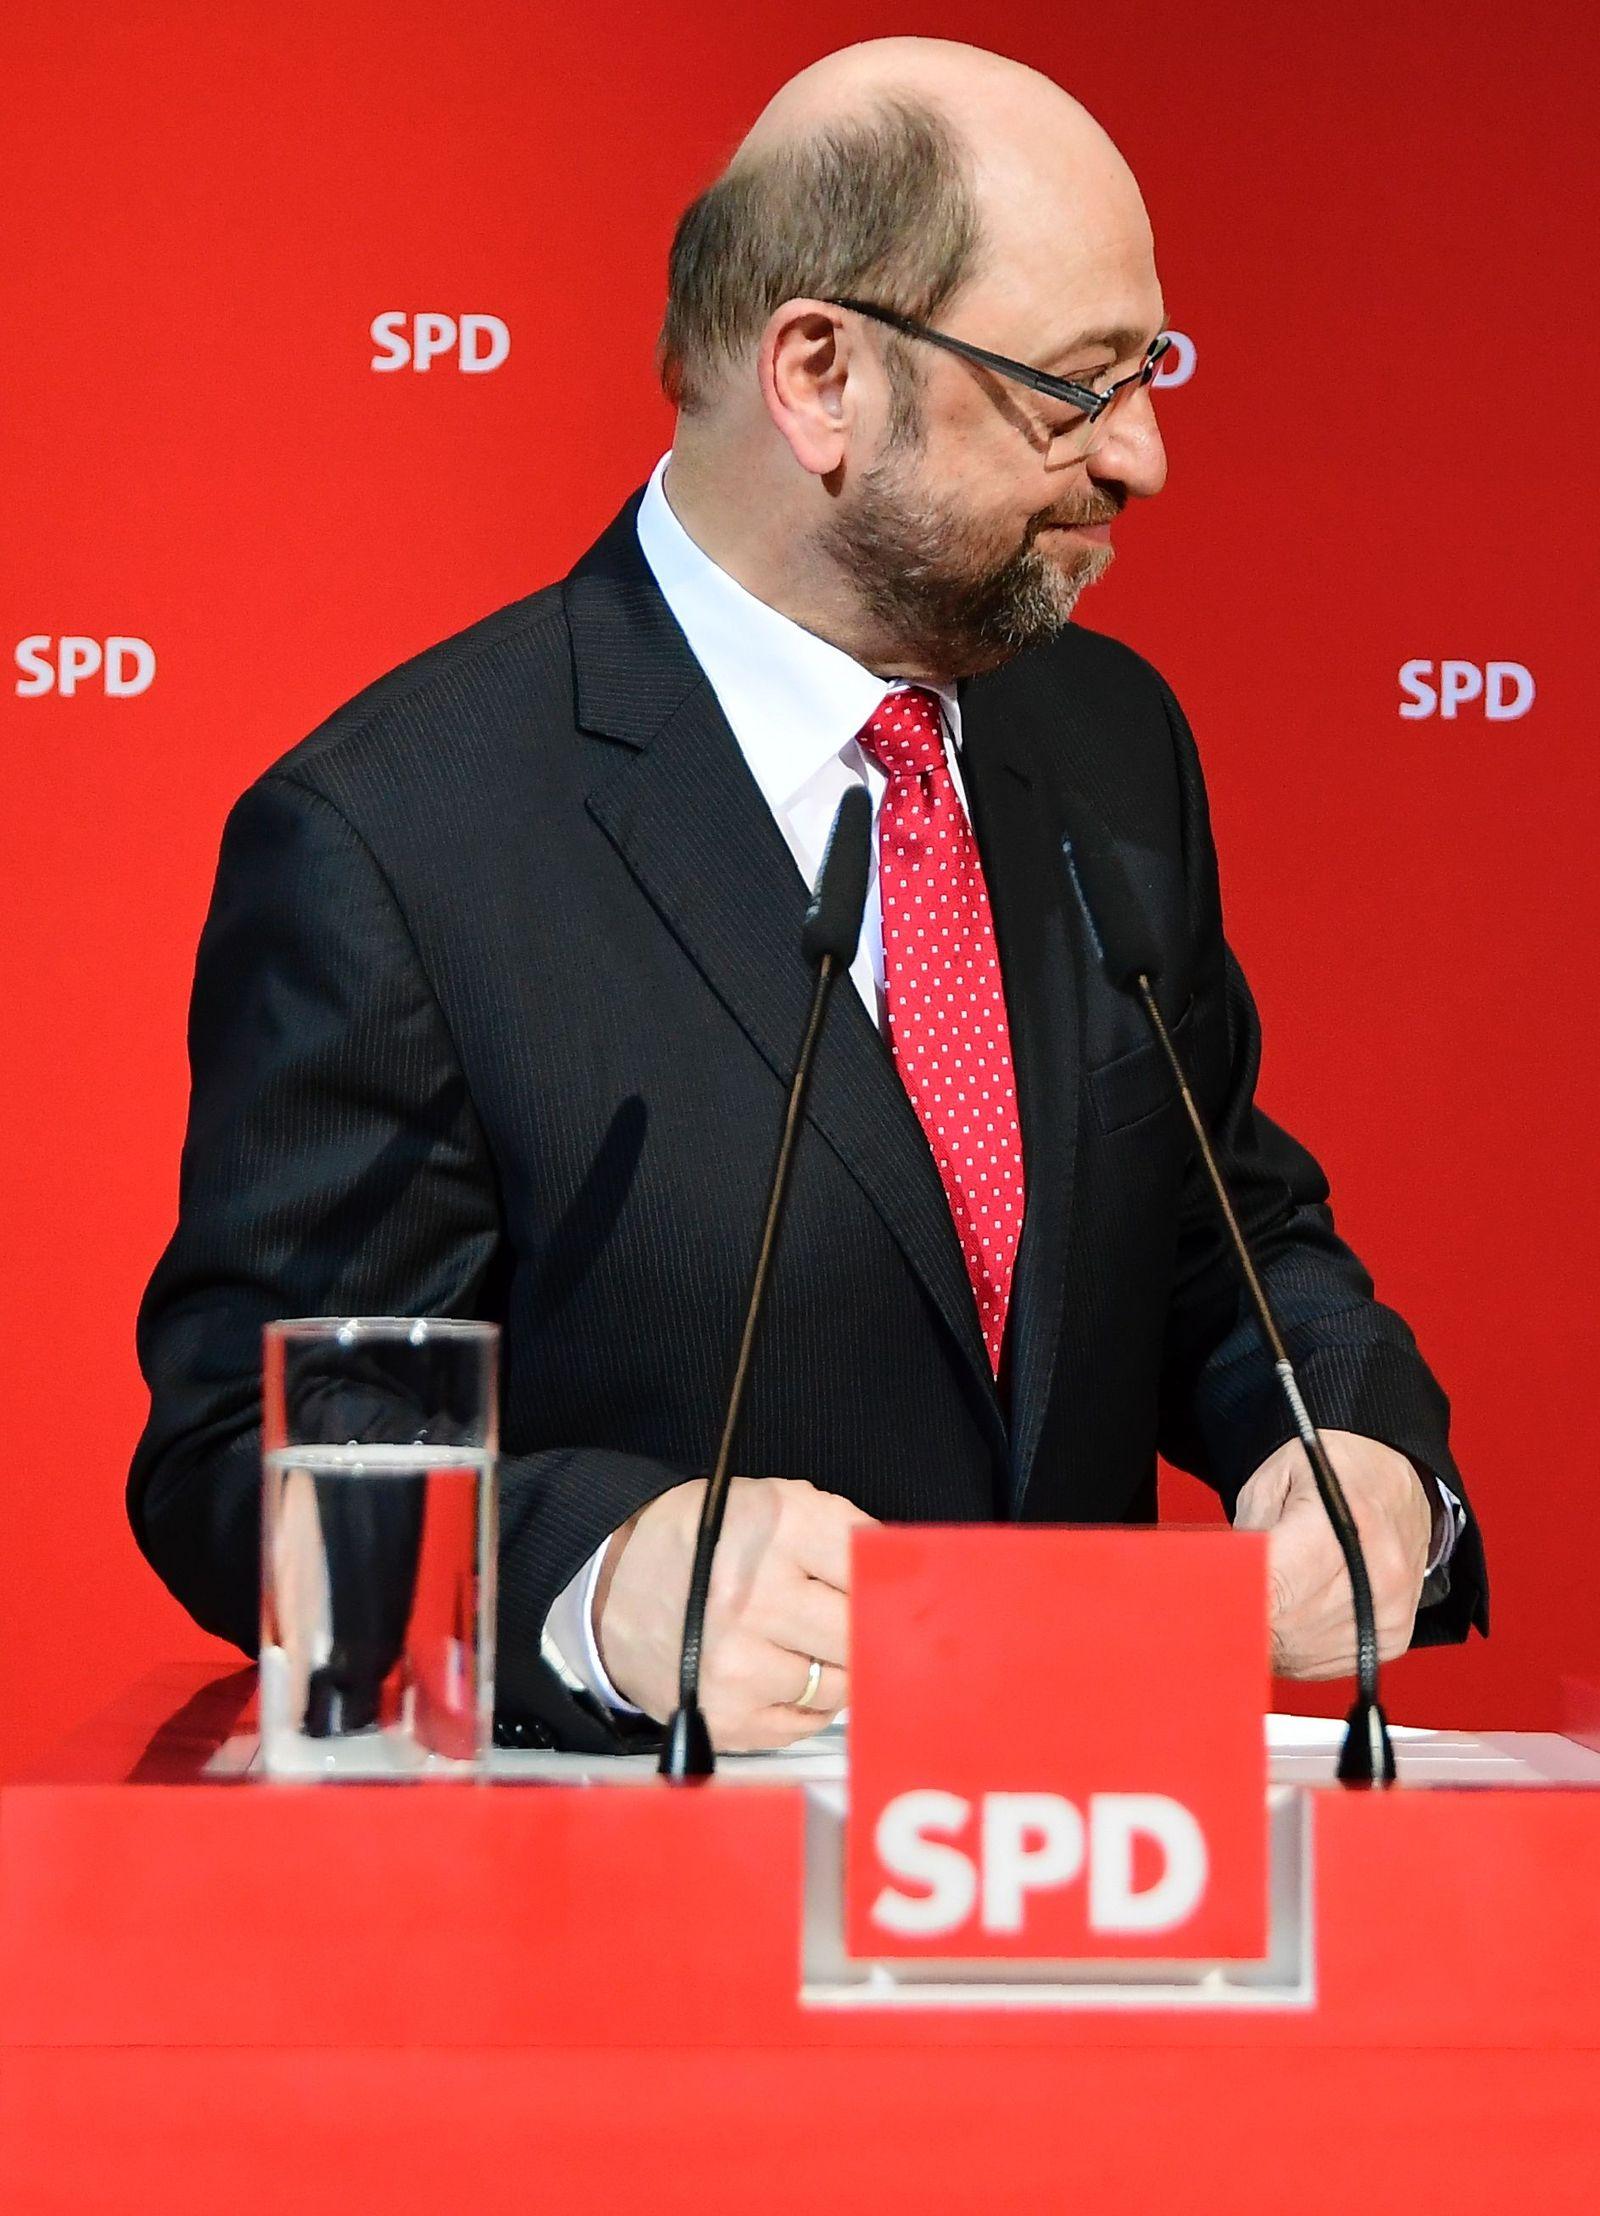 Martin Schulz Saarland-Wahl